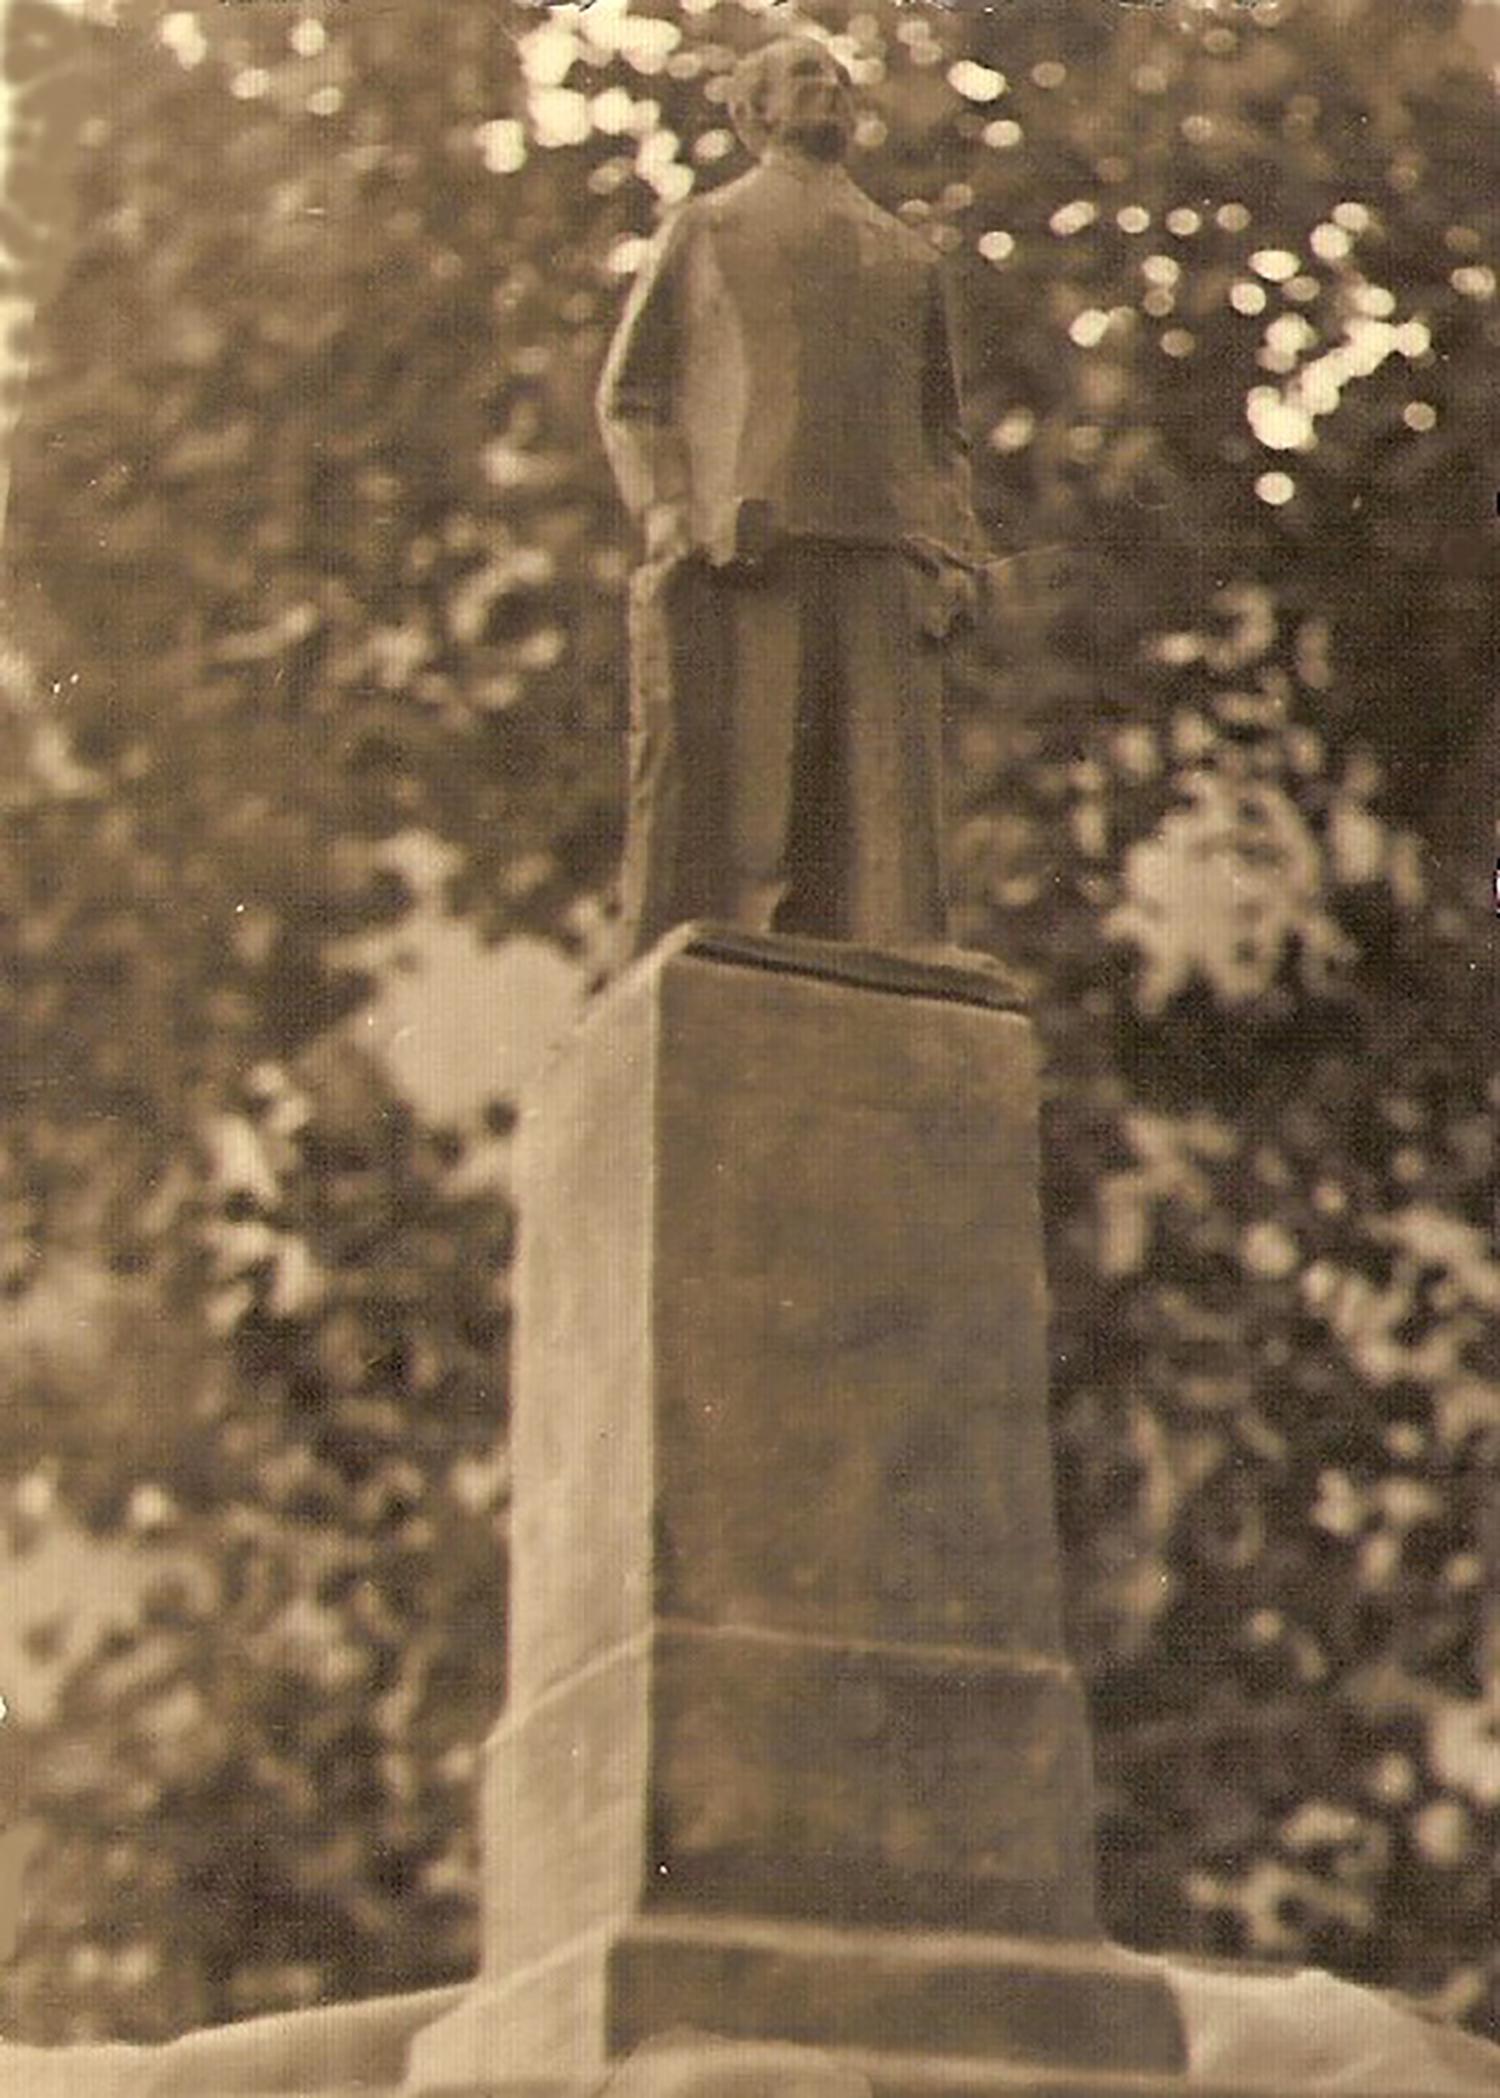 1957.2. Boceto Monumento Jacinto Higueras Fuentes. Santisteban del Puerto, Jaén. 1957